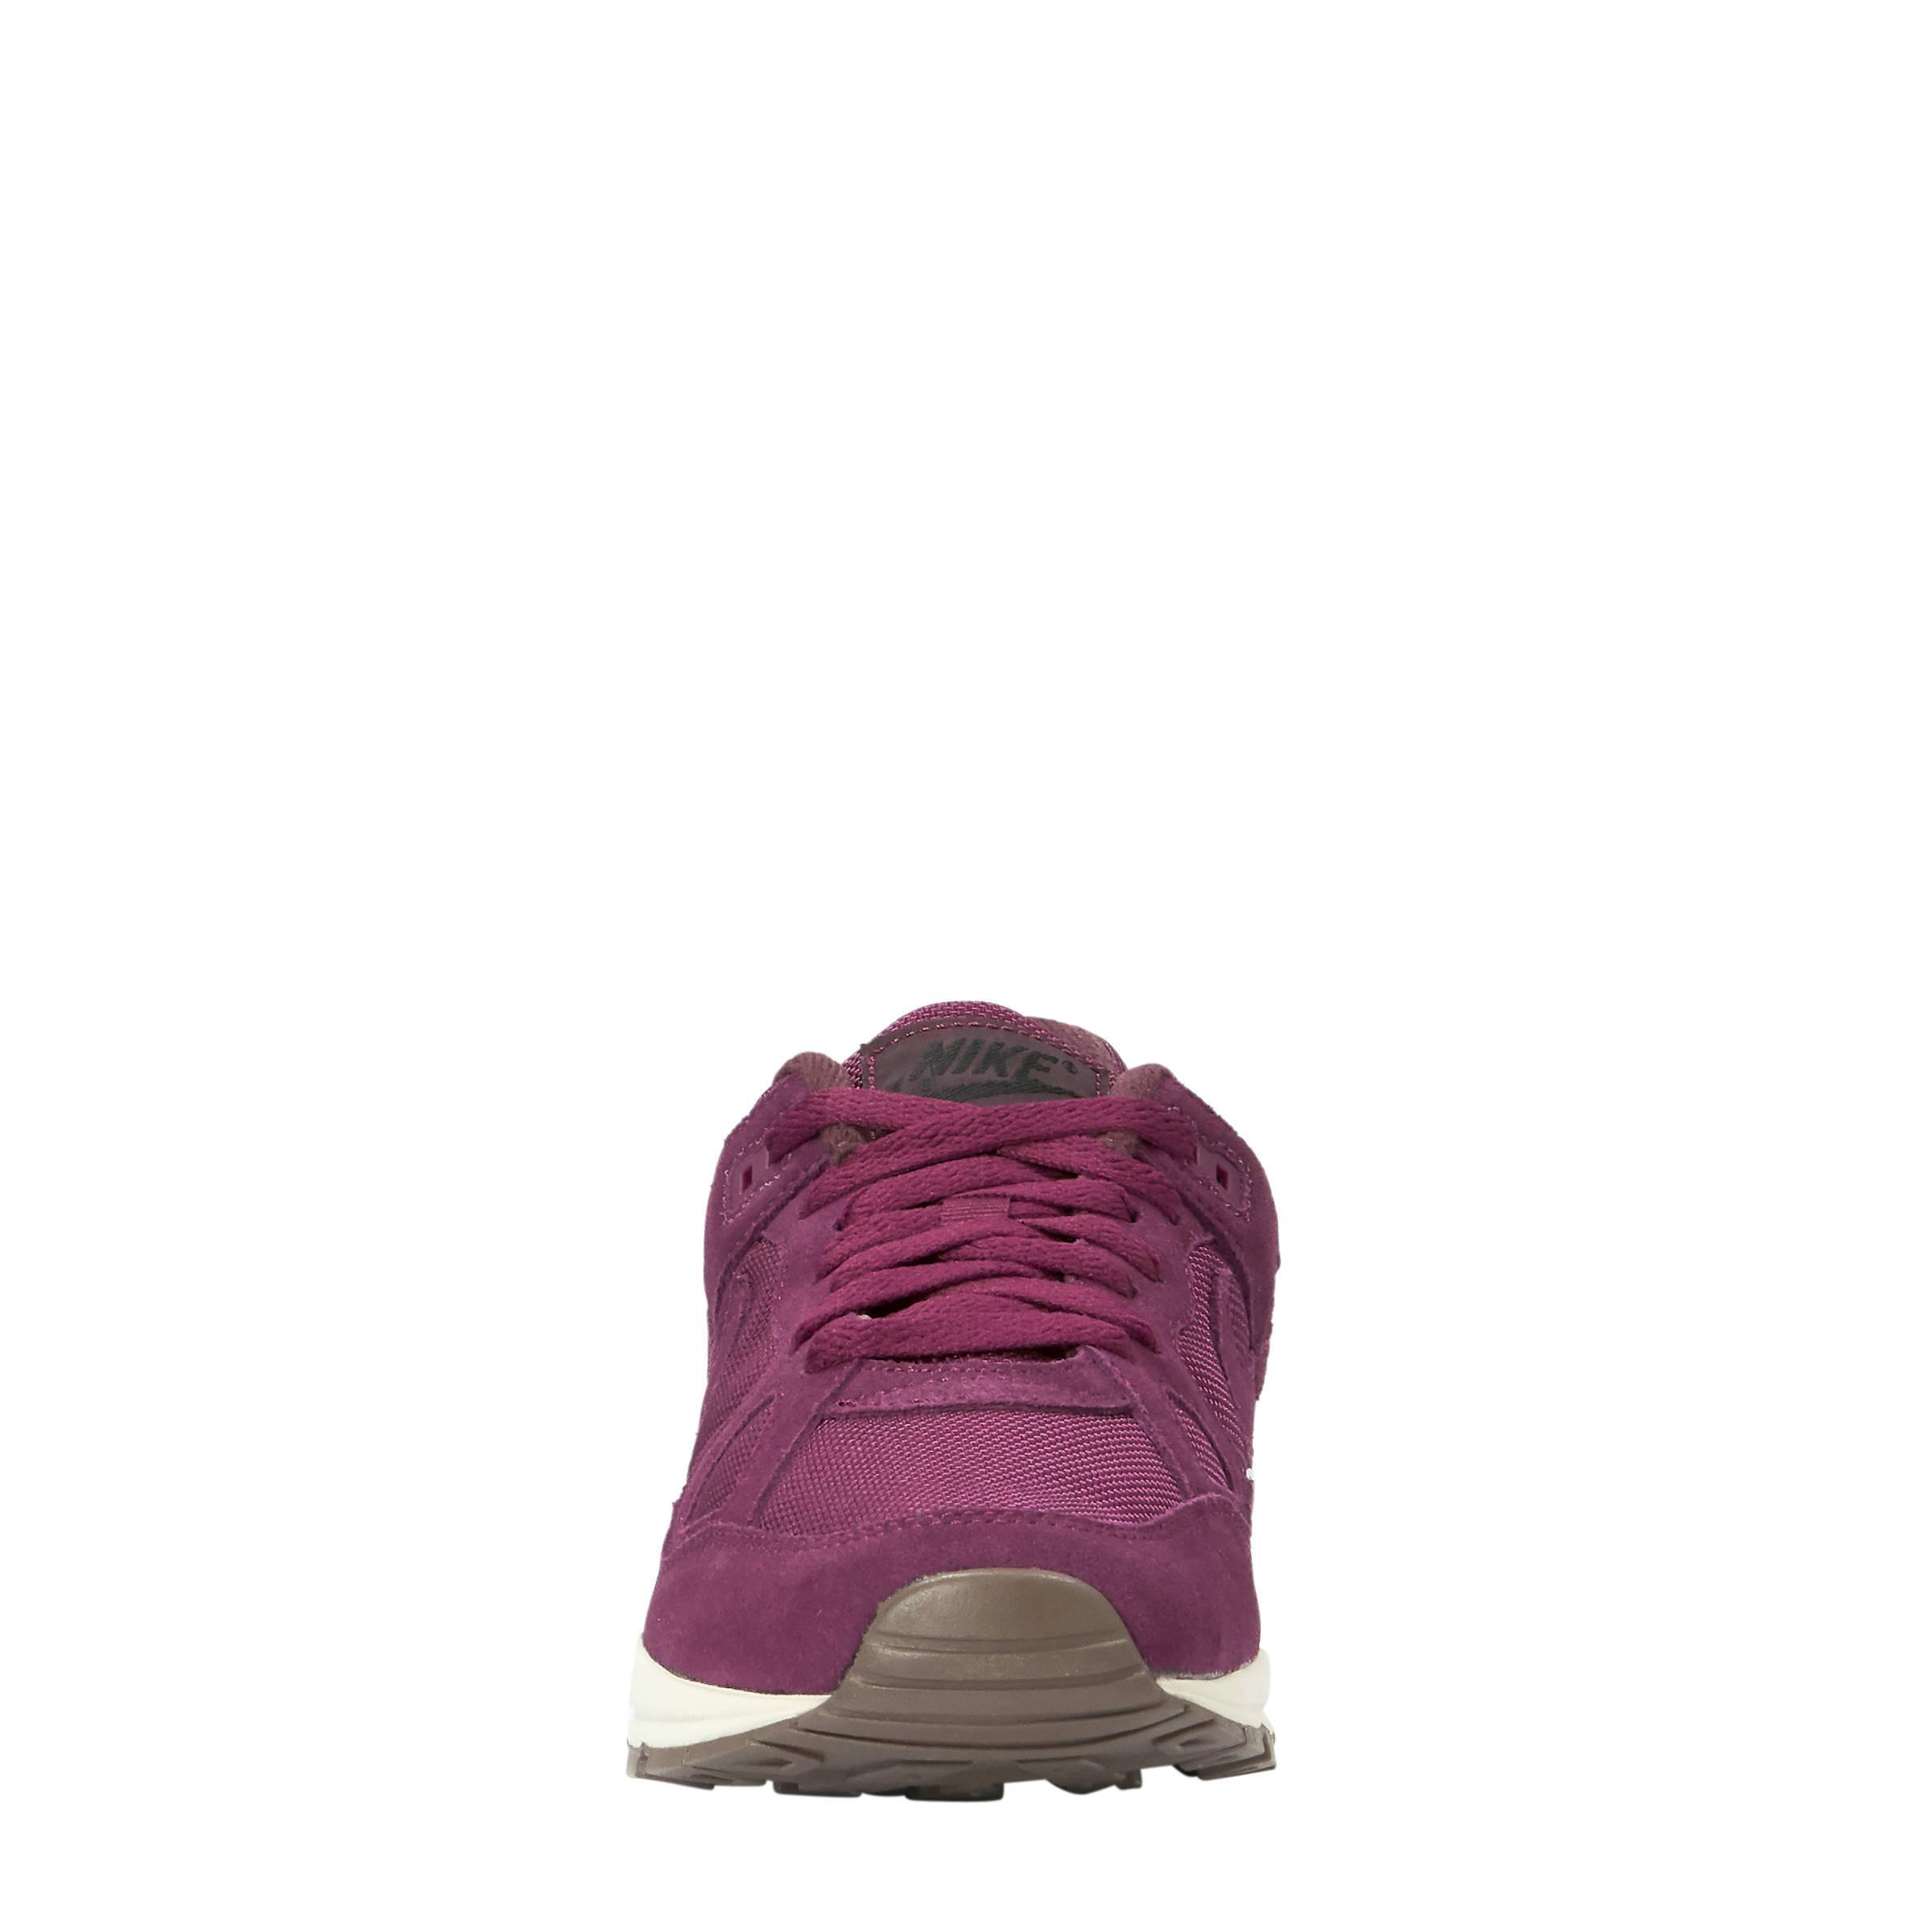 08403334447 nike-air-span-ii-sneakers-aubergine-aubergine-0191887711025.jpg